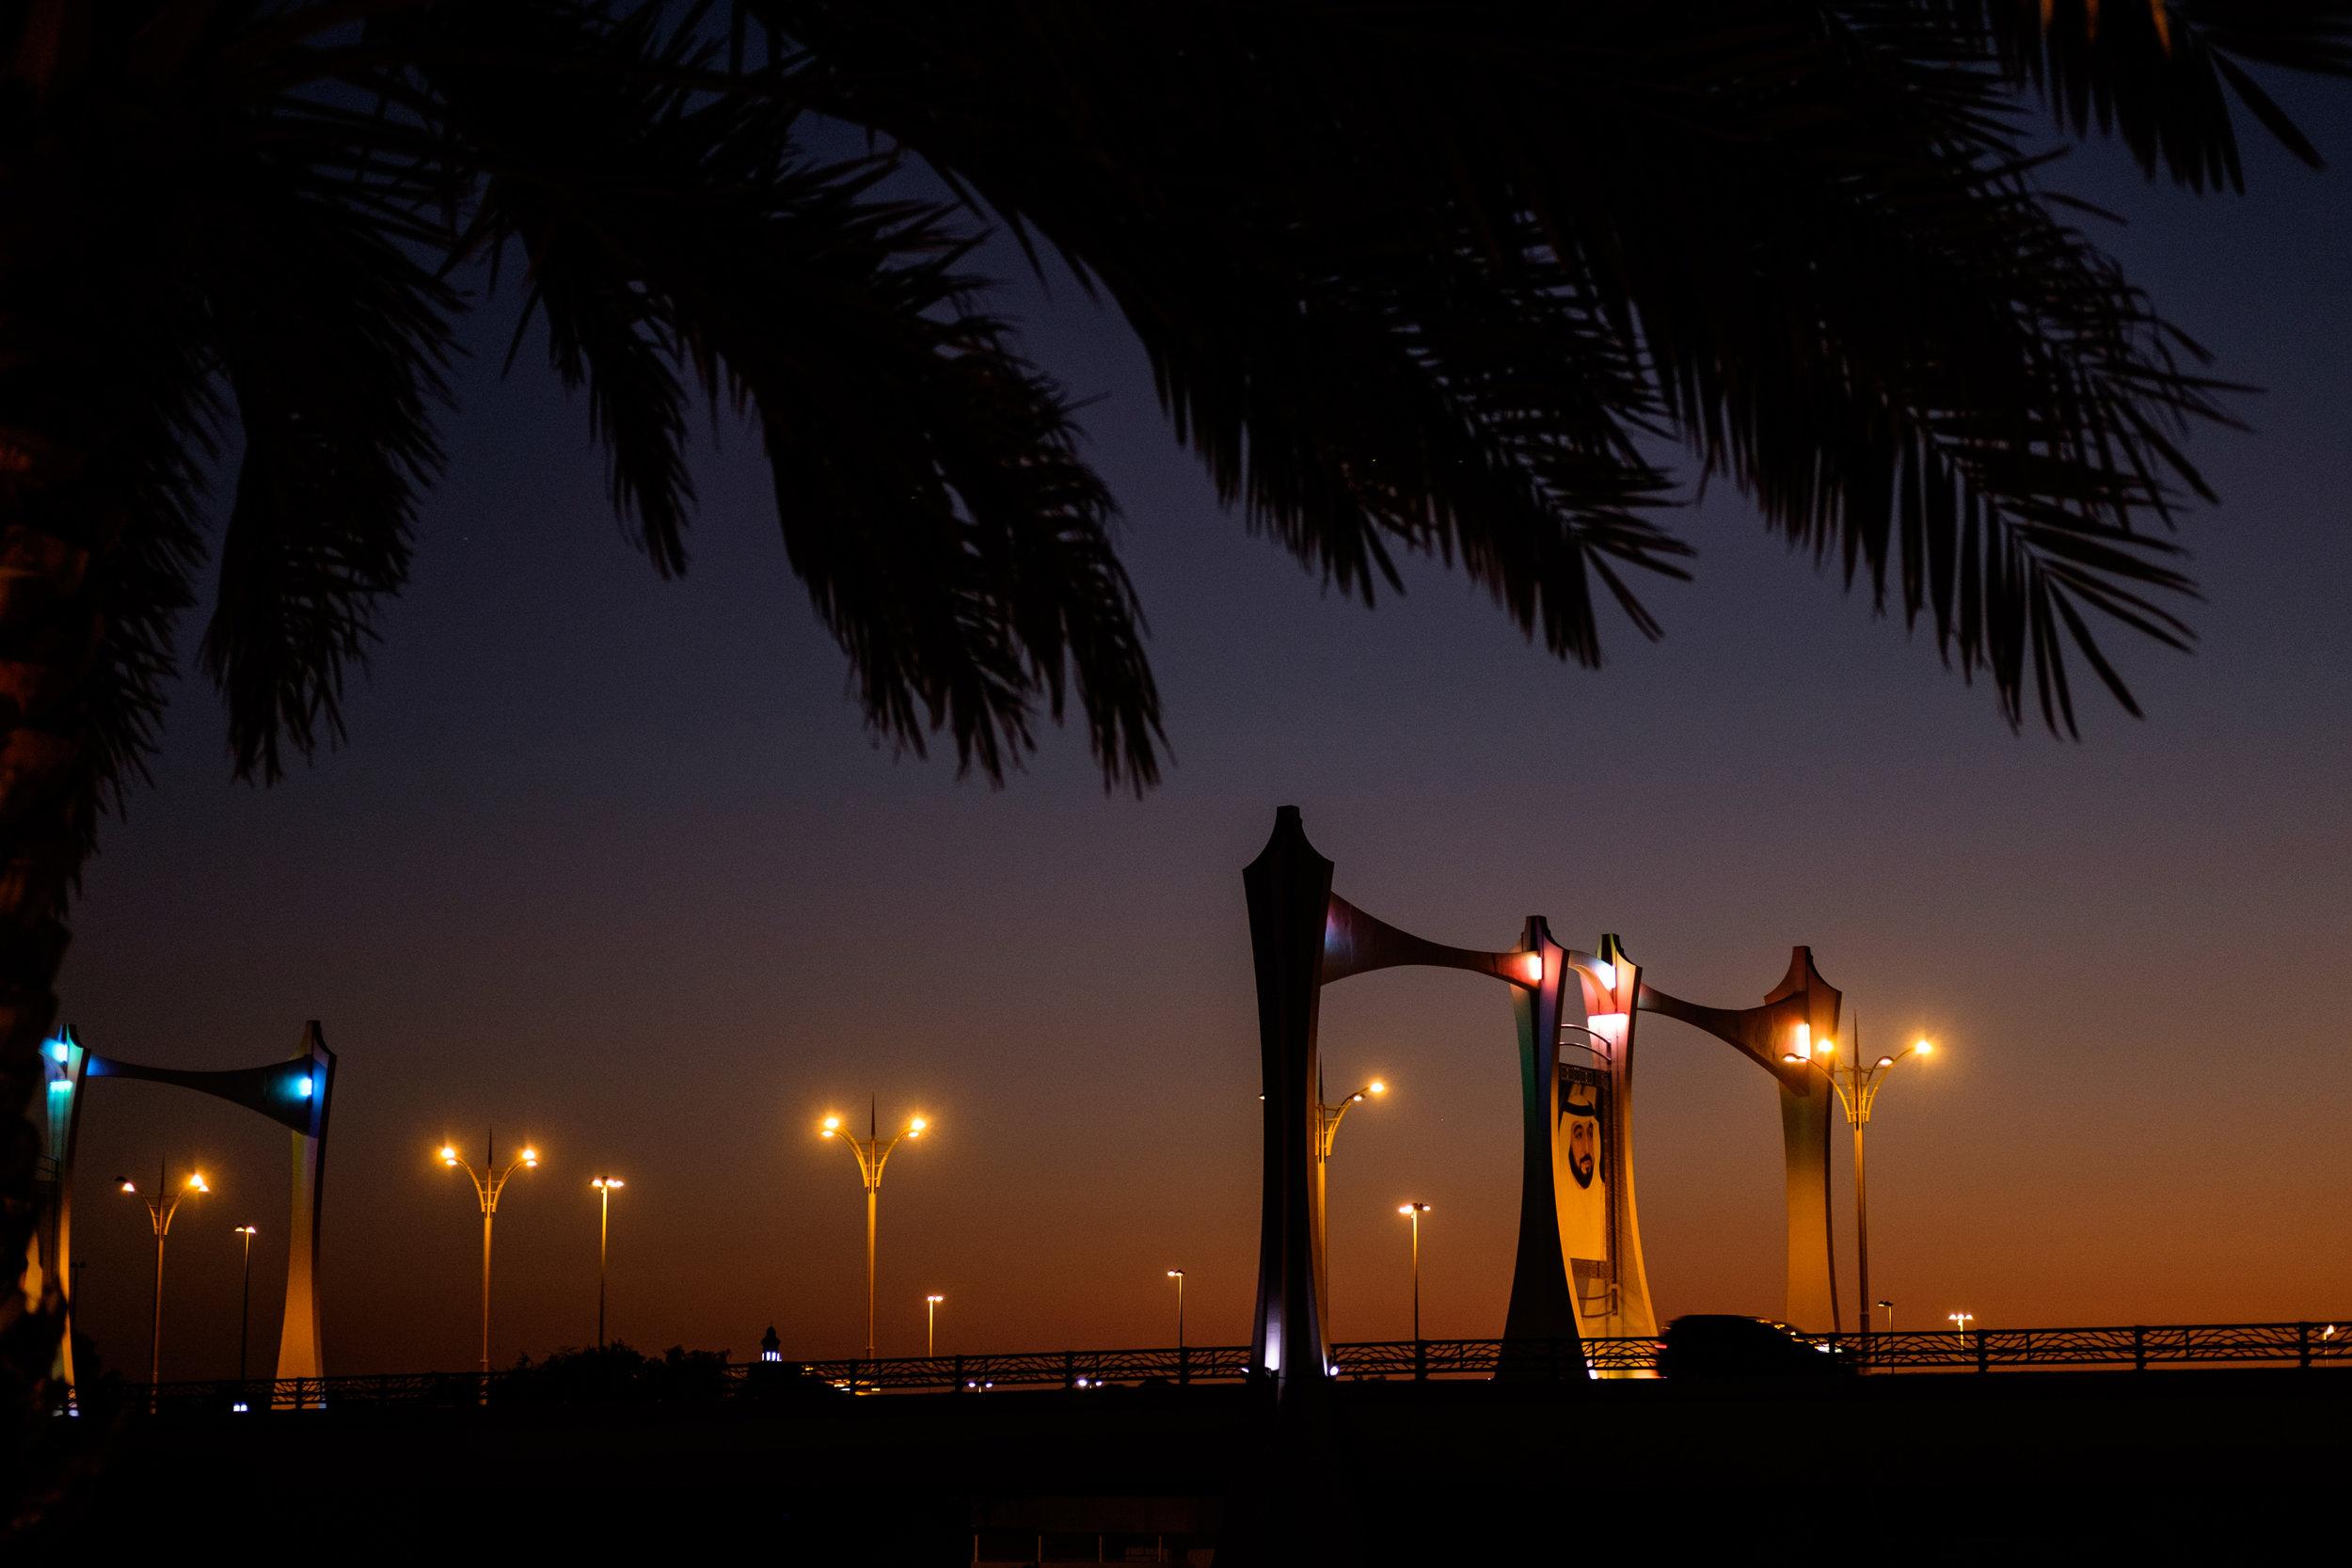 Zayed Bin Sultan Al Nahyan Street